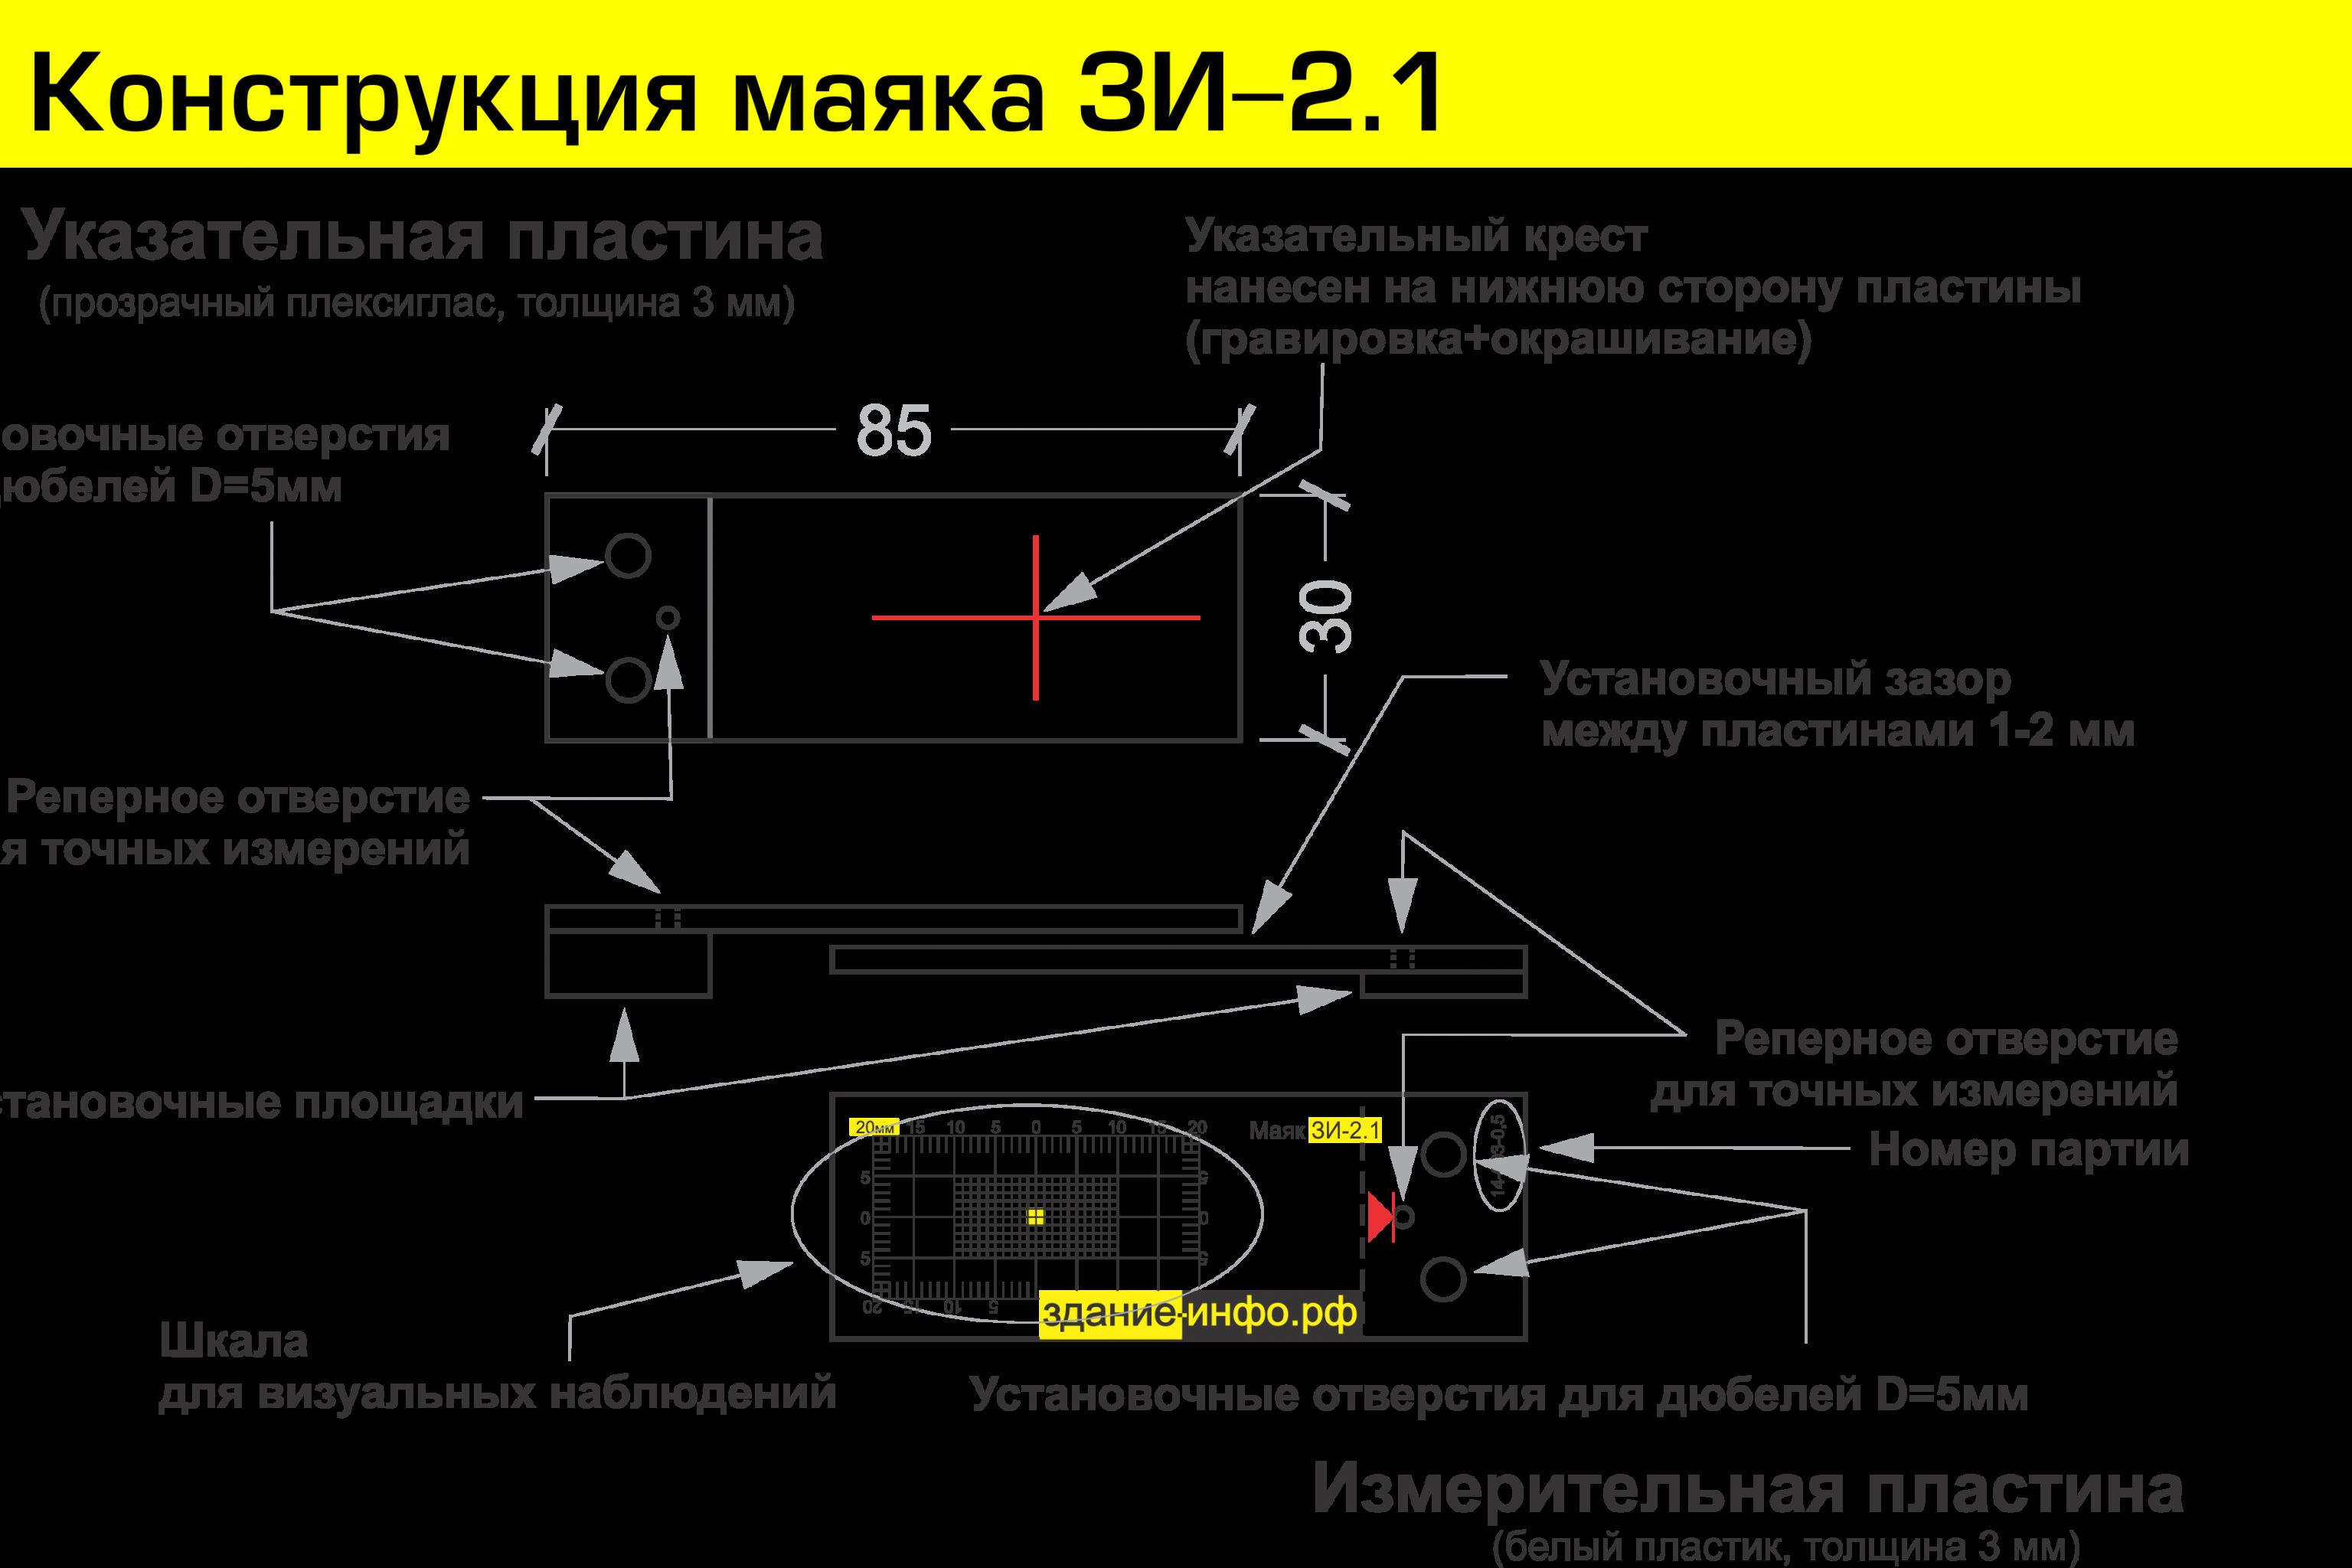 Схема маяка ЗИ-2.1